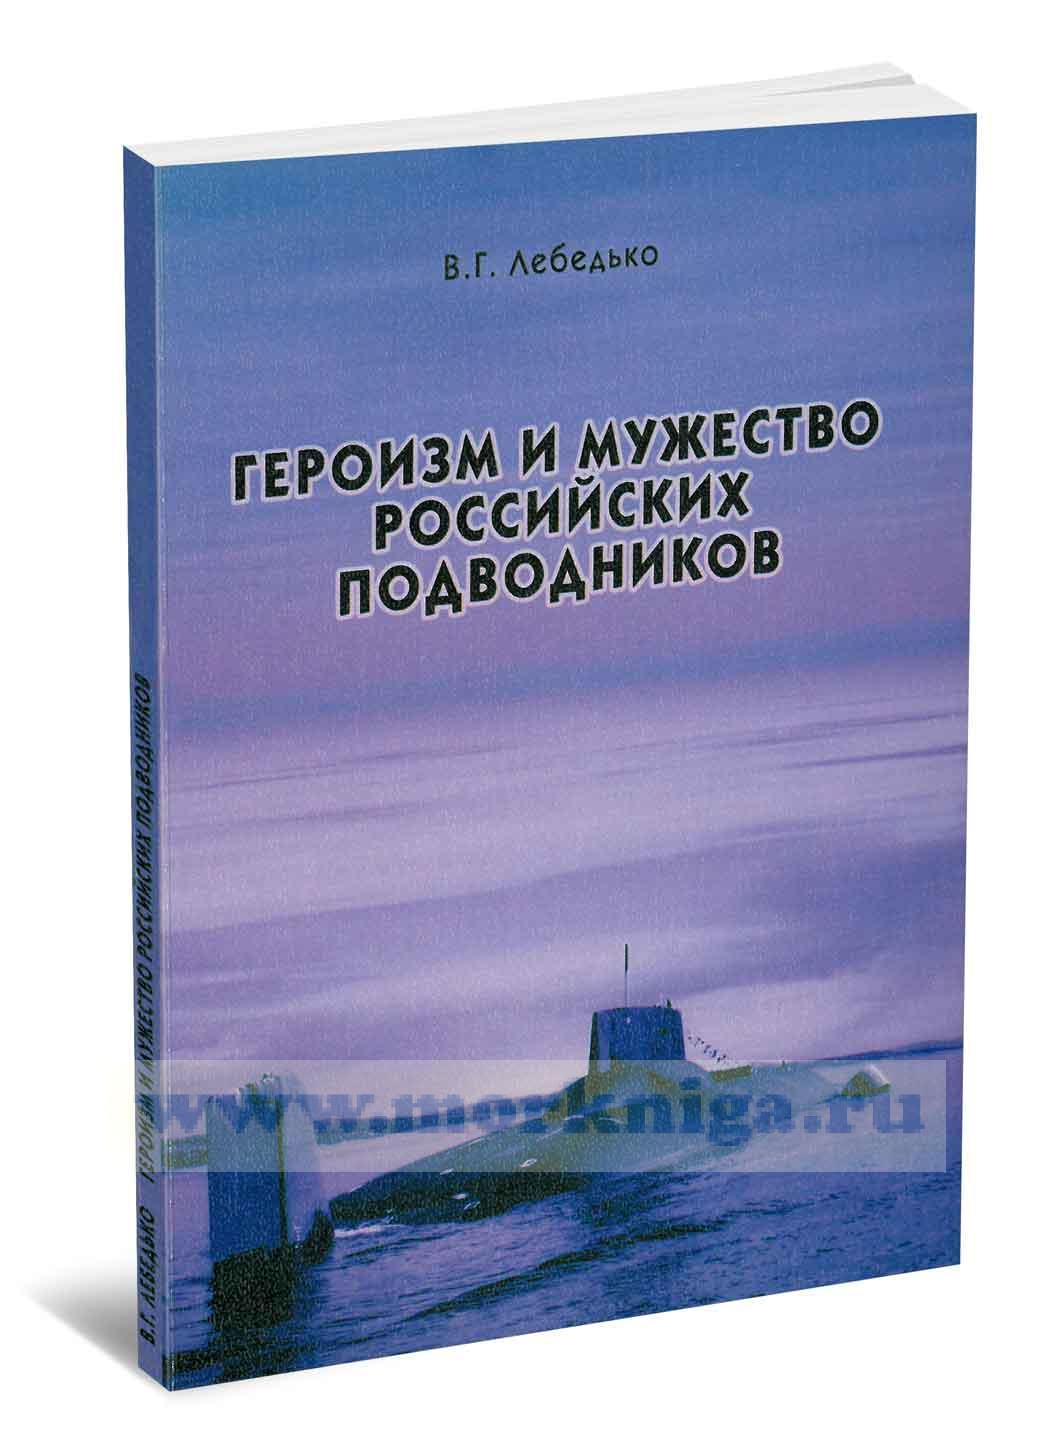 Героизм и мужество Российских подводников